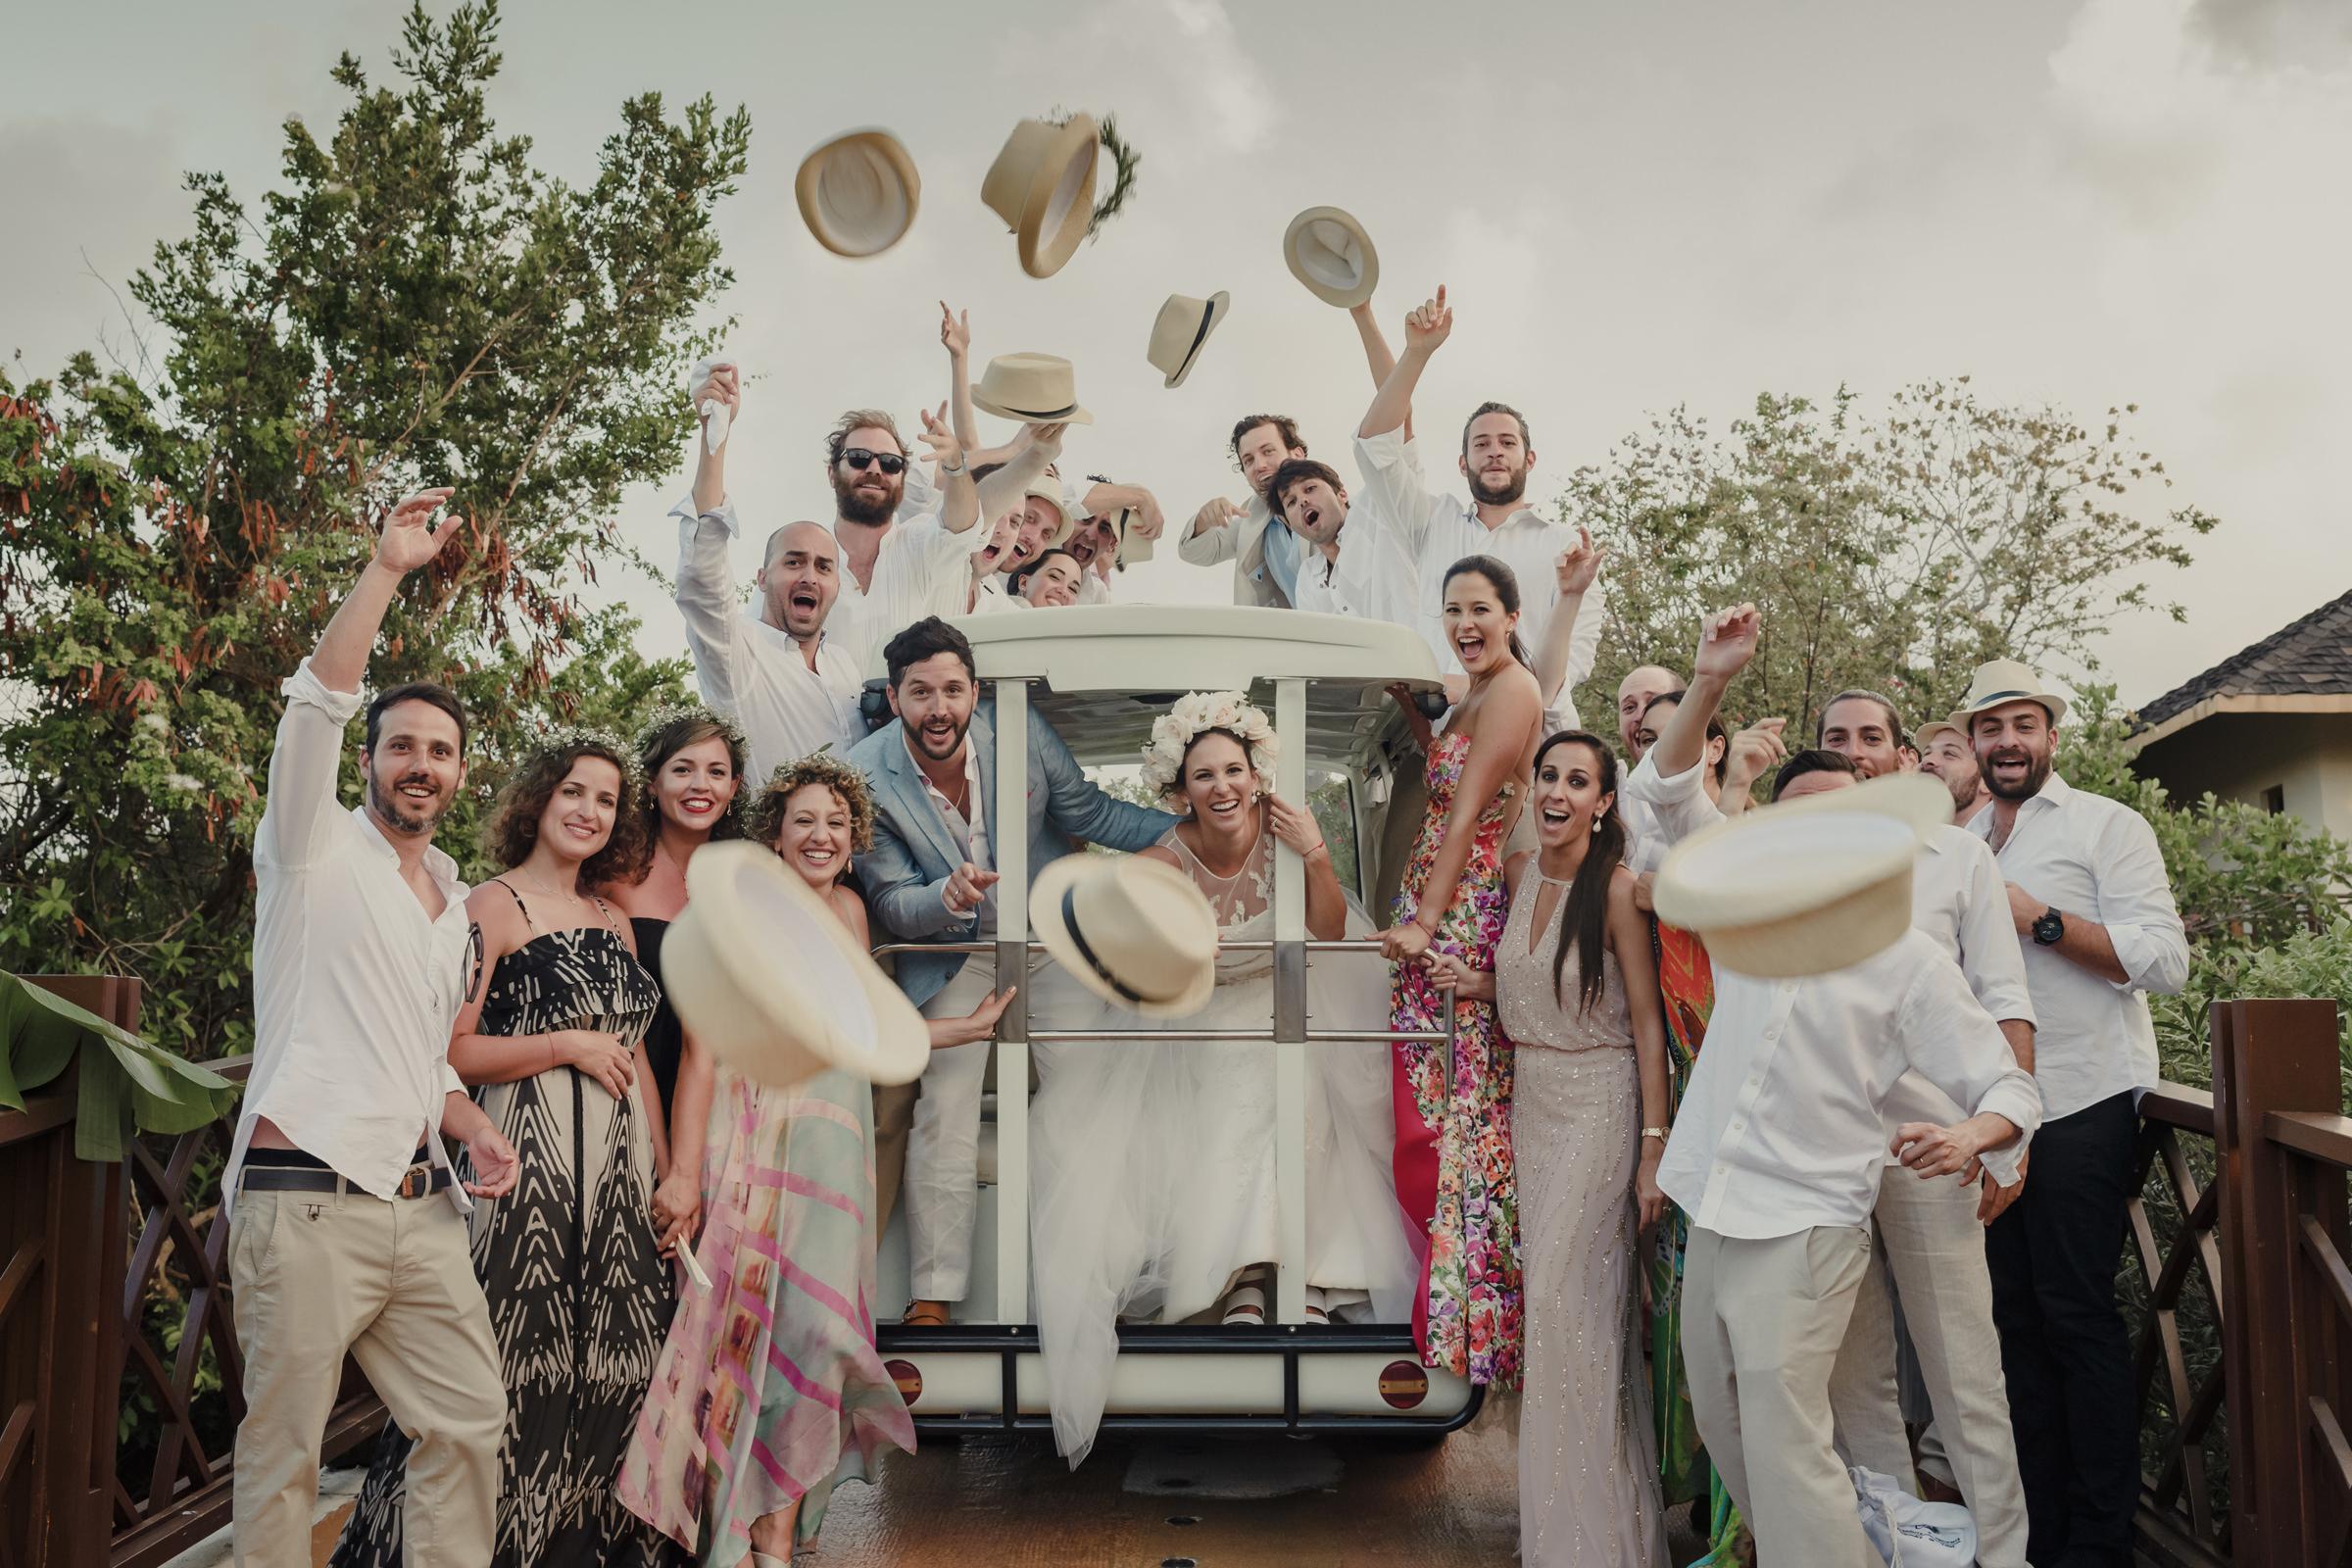 Wedding Party cheering. Photo by El Marco Rojo